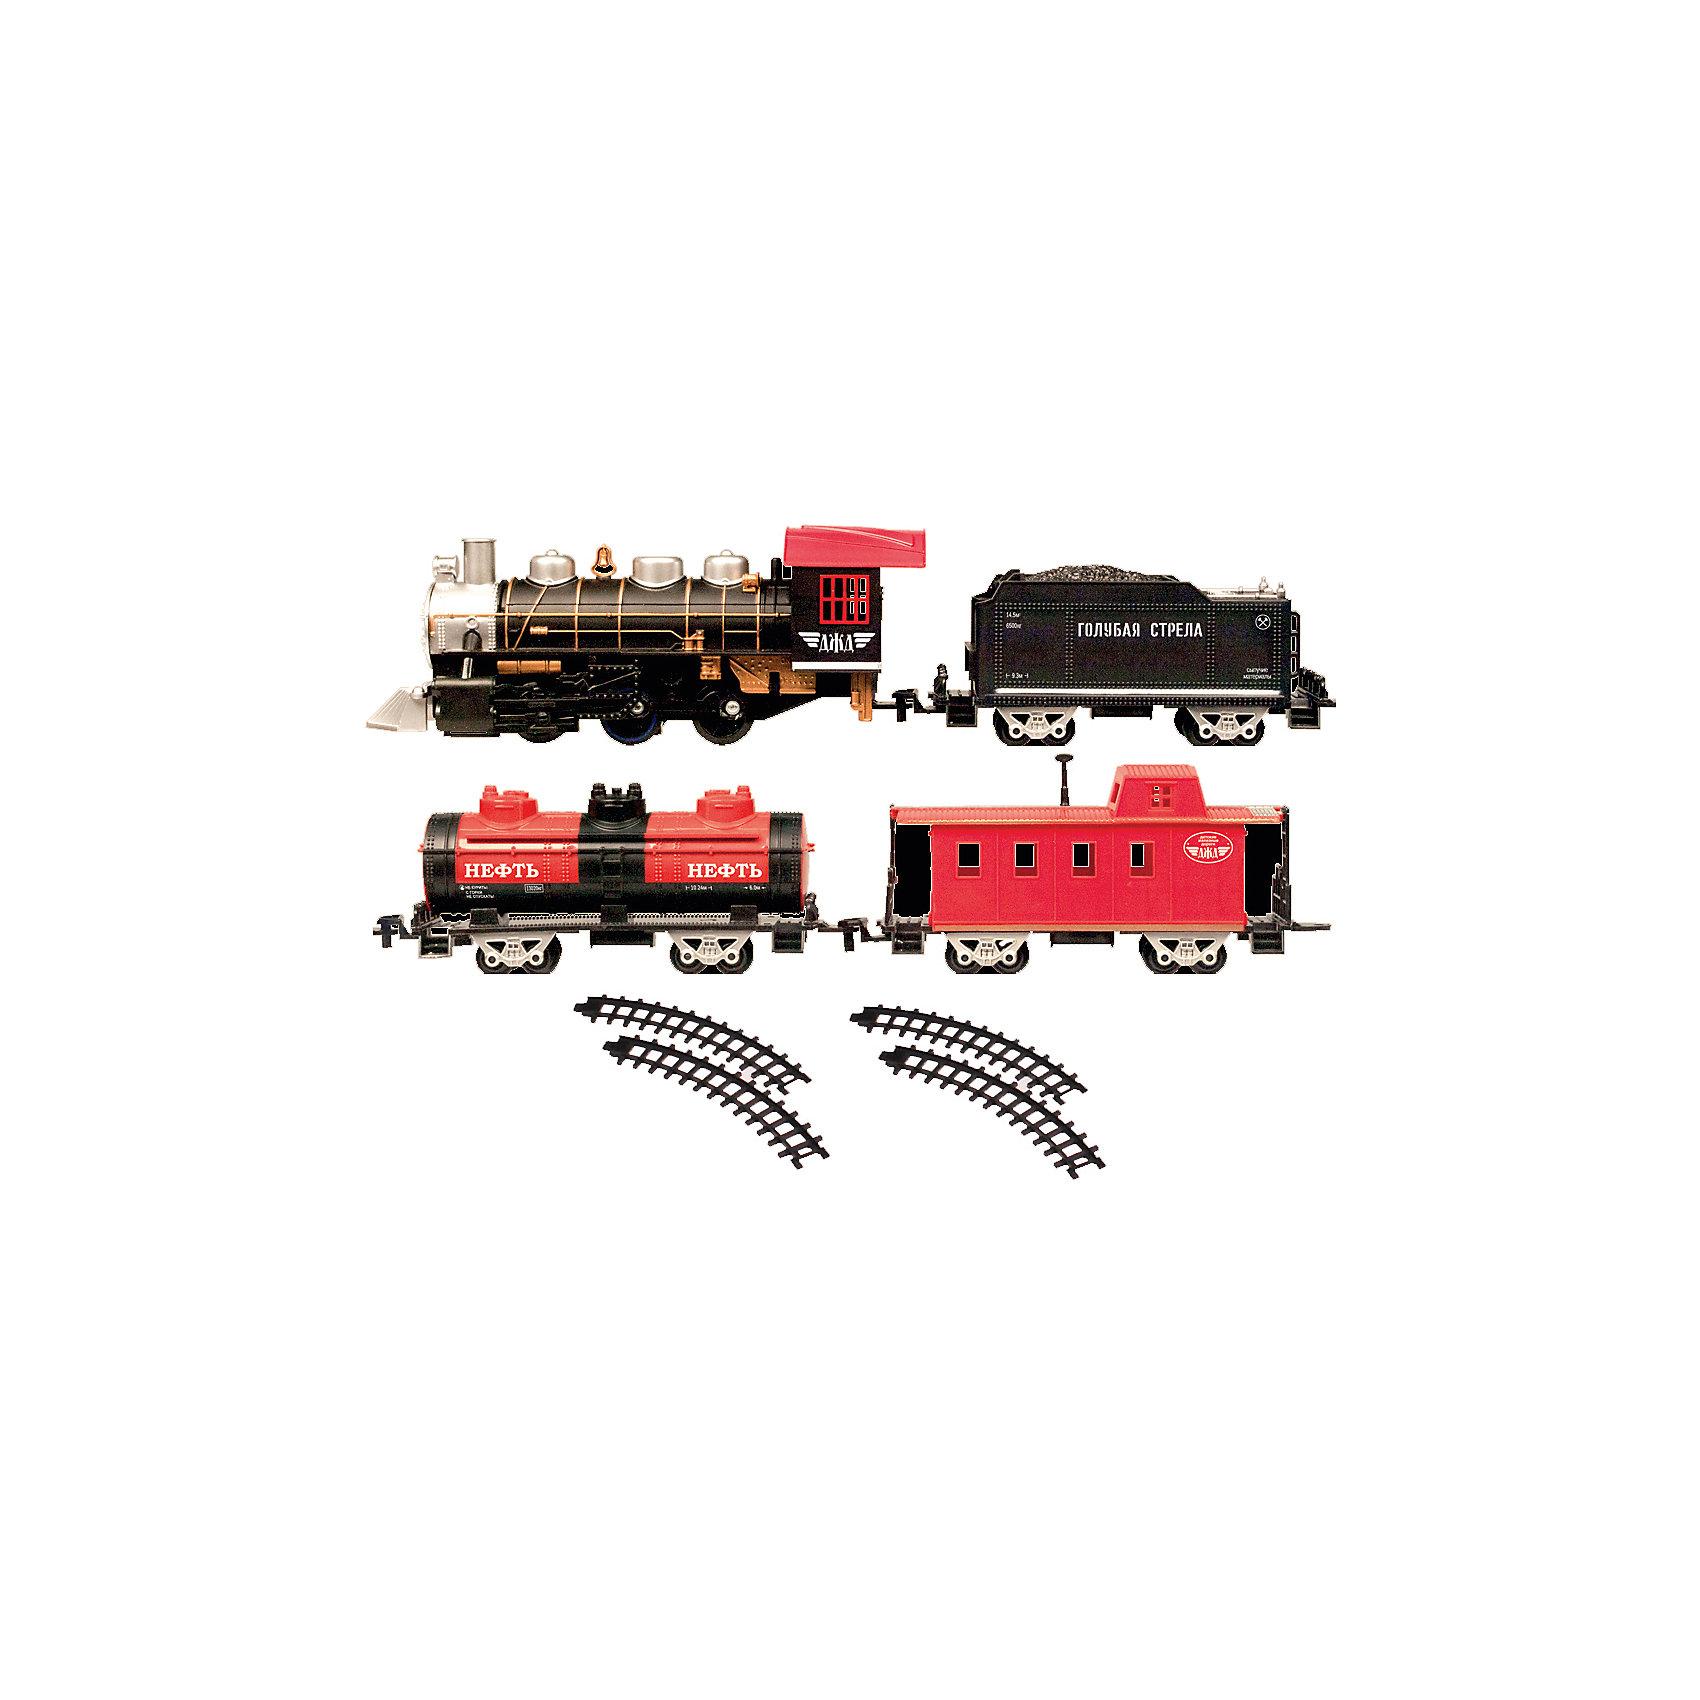 Железная дорога с тремя вагончиками 184 см, Голубая стрелаЖелезная дорога с тремя вагончиками 184 см, Голубая стрела.<br><br>Характеристики:<br><br>• Комплектация: 14 элементов пути (4 прямых, 10 изогнутых), 2 стрелки, паровоз, тендер с углем, цистерна, пассажирский вагон<br>• Количество элементов: 20 шт.<br>• Длина локомотива: 22 см.<br>• Ширина колеи: 3,3 см.<br>• Общая протяженность: 184 см.<br>• Батарейки: 4 типа АА (не входят в комплект)<br>• Материал: пластик, металл<br>• Упаковка: картонная коробка блистерного типа<br>• Размер упаковки: 57х39х7,5 см.<br><br>Вы только посмотрите, какой прекрасный набор железной дороги! Выполненный в стиле ретро паровоз выглядит очень эффектно. Комплект, состоящий из восхитительного локомотива, тендера с углем, пассажирского вагона и цистерны, элементов дороги, хорош не только внешним видом, но и функциональным содержанием. Звуковые и световые эффекты, дым из трубы, все это создает впечатление реалистичности картины. Погрузиться в игру с этой железной дорогой можно на долгие часы. Общая длина дороги – 184см (колея 33 мм )! <br><br>В данном наборе возможны три разных варианта сборки дороги (кругом – из 8 деталей, овалом – из 10-12 деталей, 2 в 1 круг с овалом – 14-16 деталей). Благодаря стрелкам (в комплекте) на дороге, можно самостоятельно регулировать направление поезда. Игрушка развивает воображение, фантазию, пространственное мышление, творческие способности. Данный товар был отмечен дипломом 1-ой степени «За высокие потребительские свойства» и золотой медалью «За качество» на выставке «Мир Детства 2012».<br><br>Железную дорогу с тремя вагончиками 184 см, Голубая стрела можно купить в нашем интернет-магазине.<br><br>Ширина мм: 570<br>Глубина мм: 380<br>Высота мм: 70<br>Вес г: 1579<br>Возраст от месяцев: 36<br>Возраст до месяцев: 2147483647<br>Пол: Мужской<br>Возраст: Детский<br>SKU: 5400265